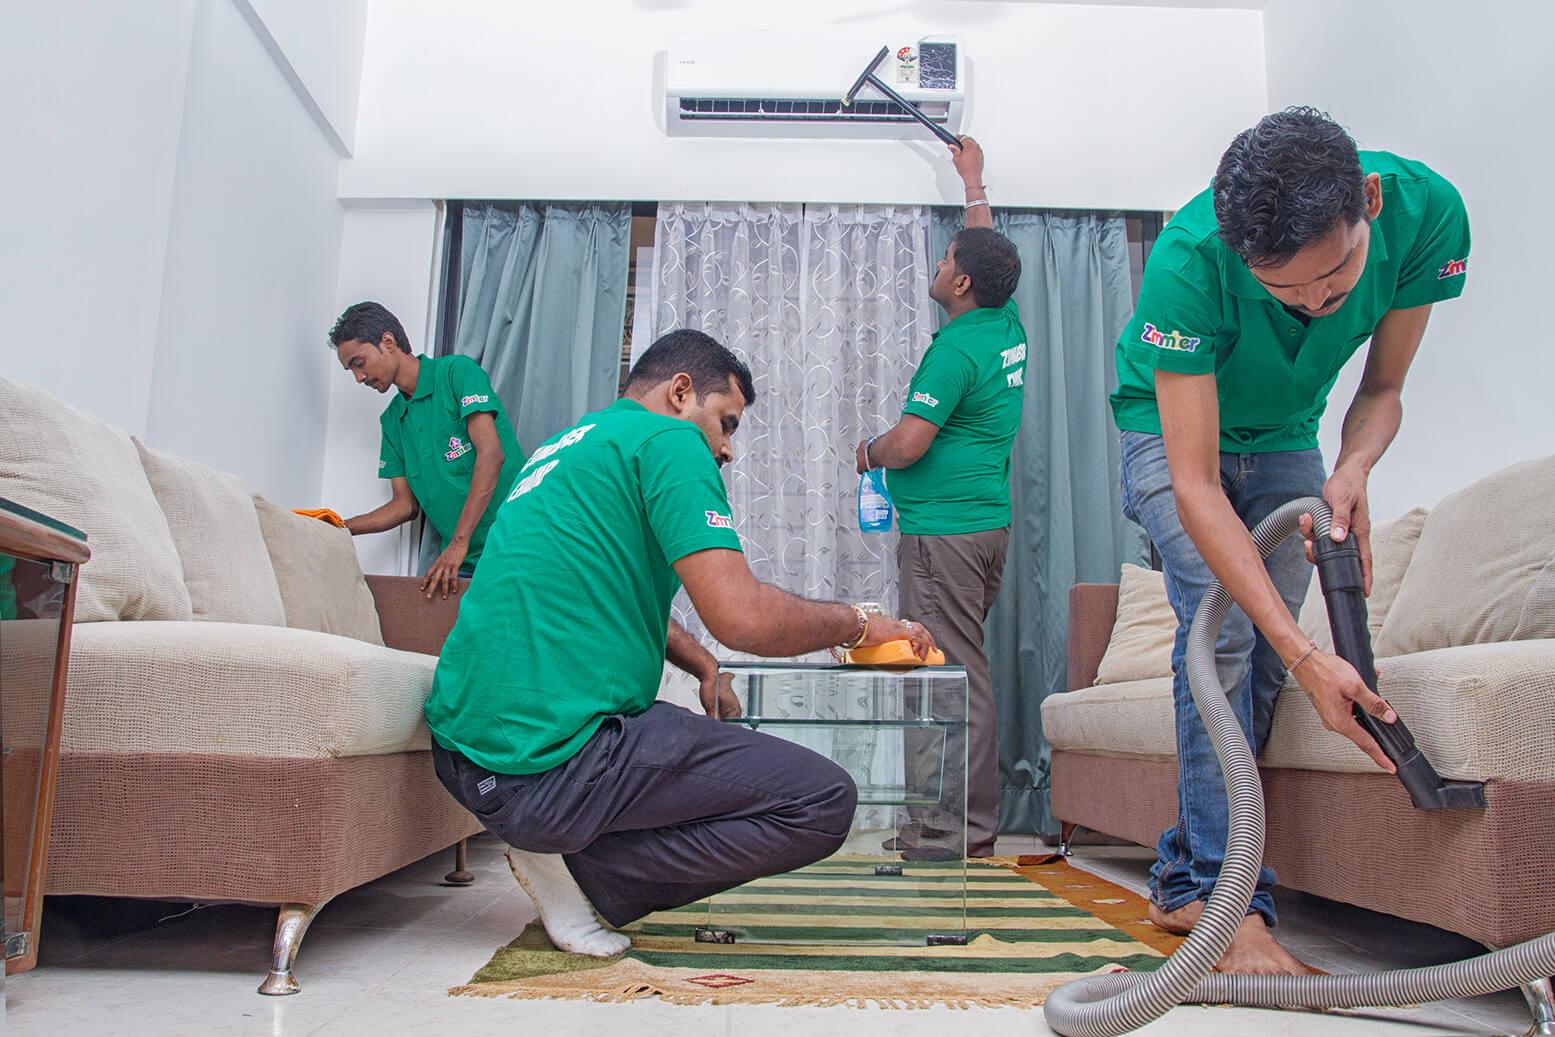 صور شركة تنظيف منازل بالرياض , الشركات المسؤله عن النظافه بالرياض